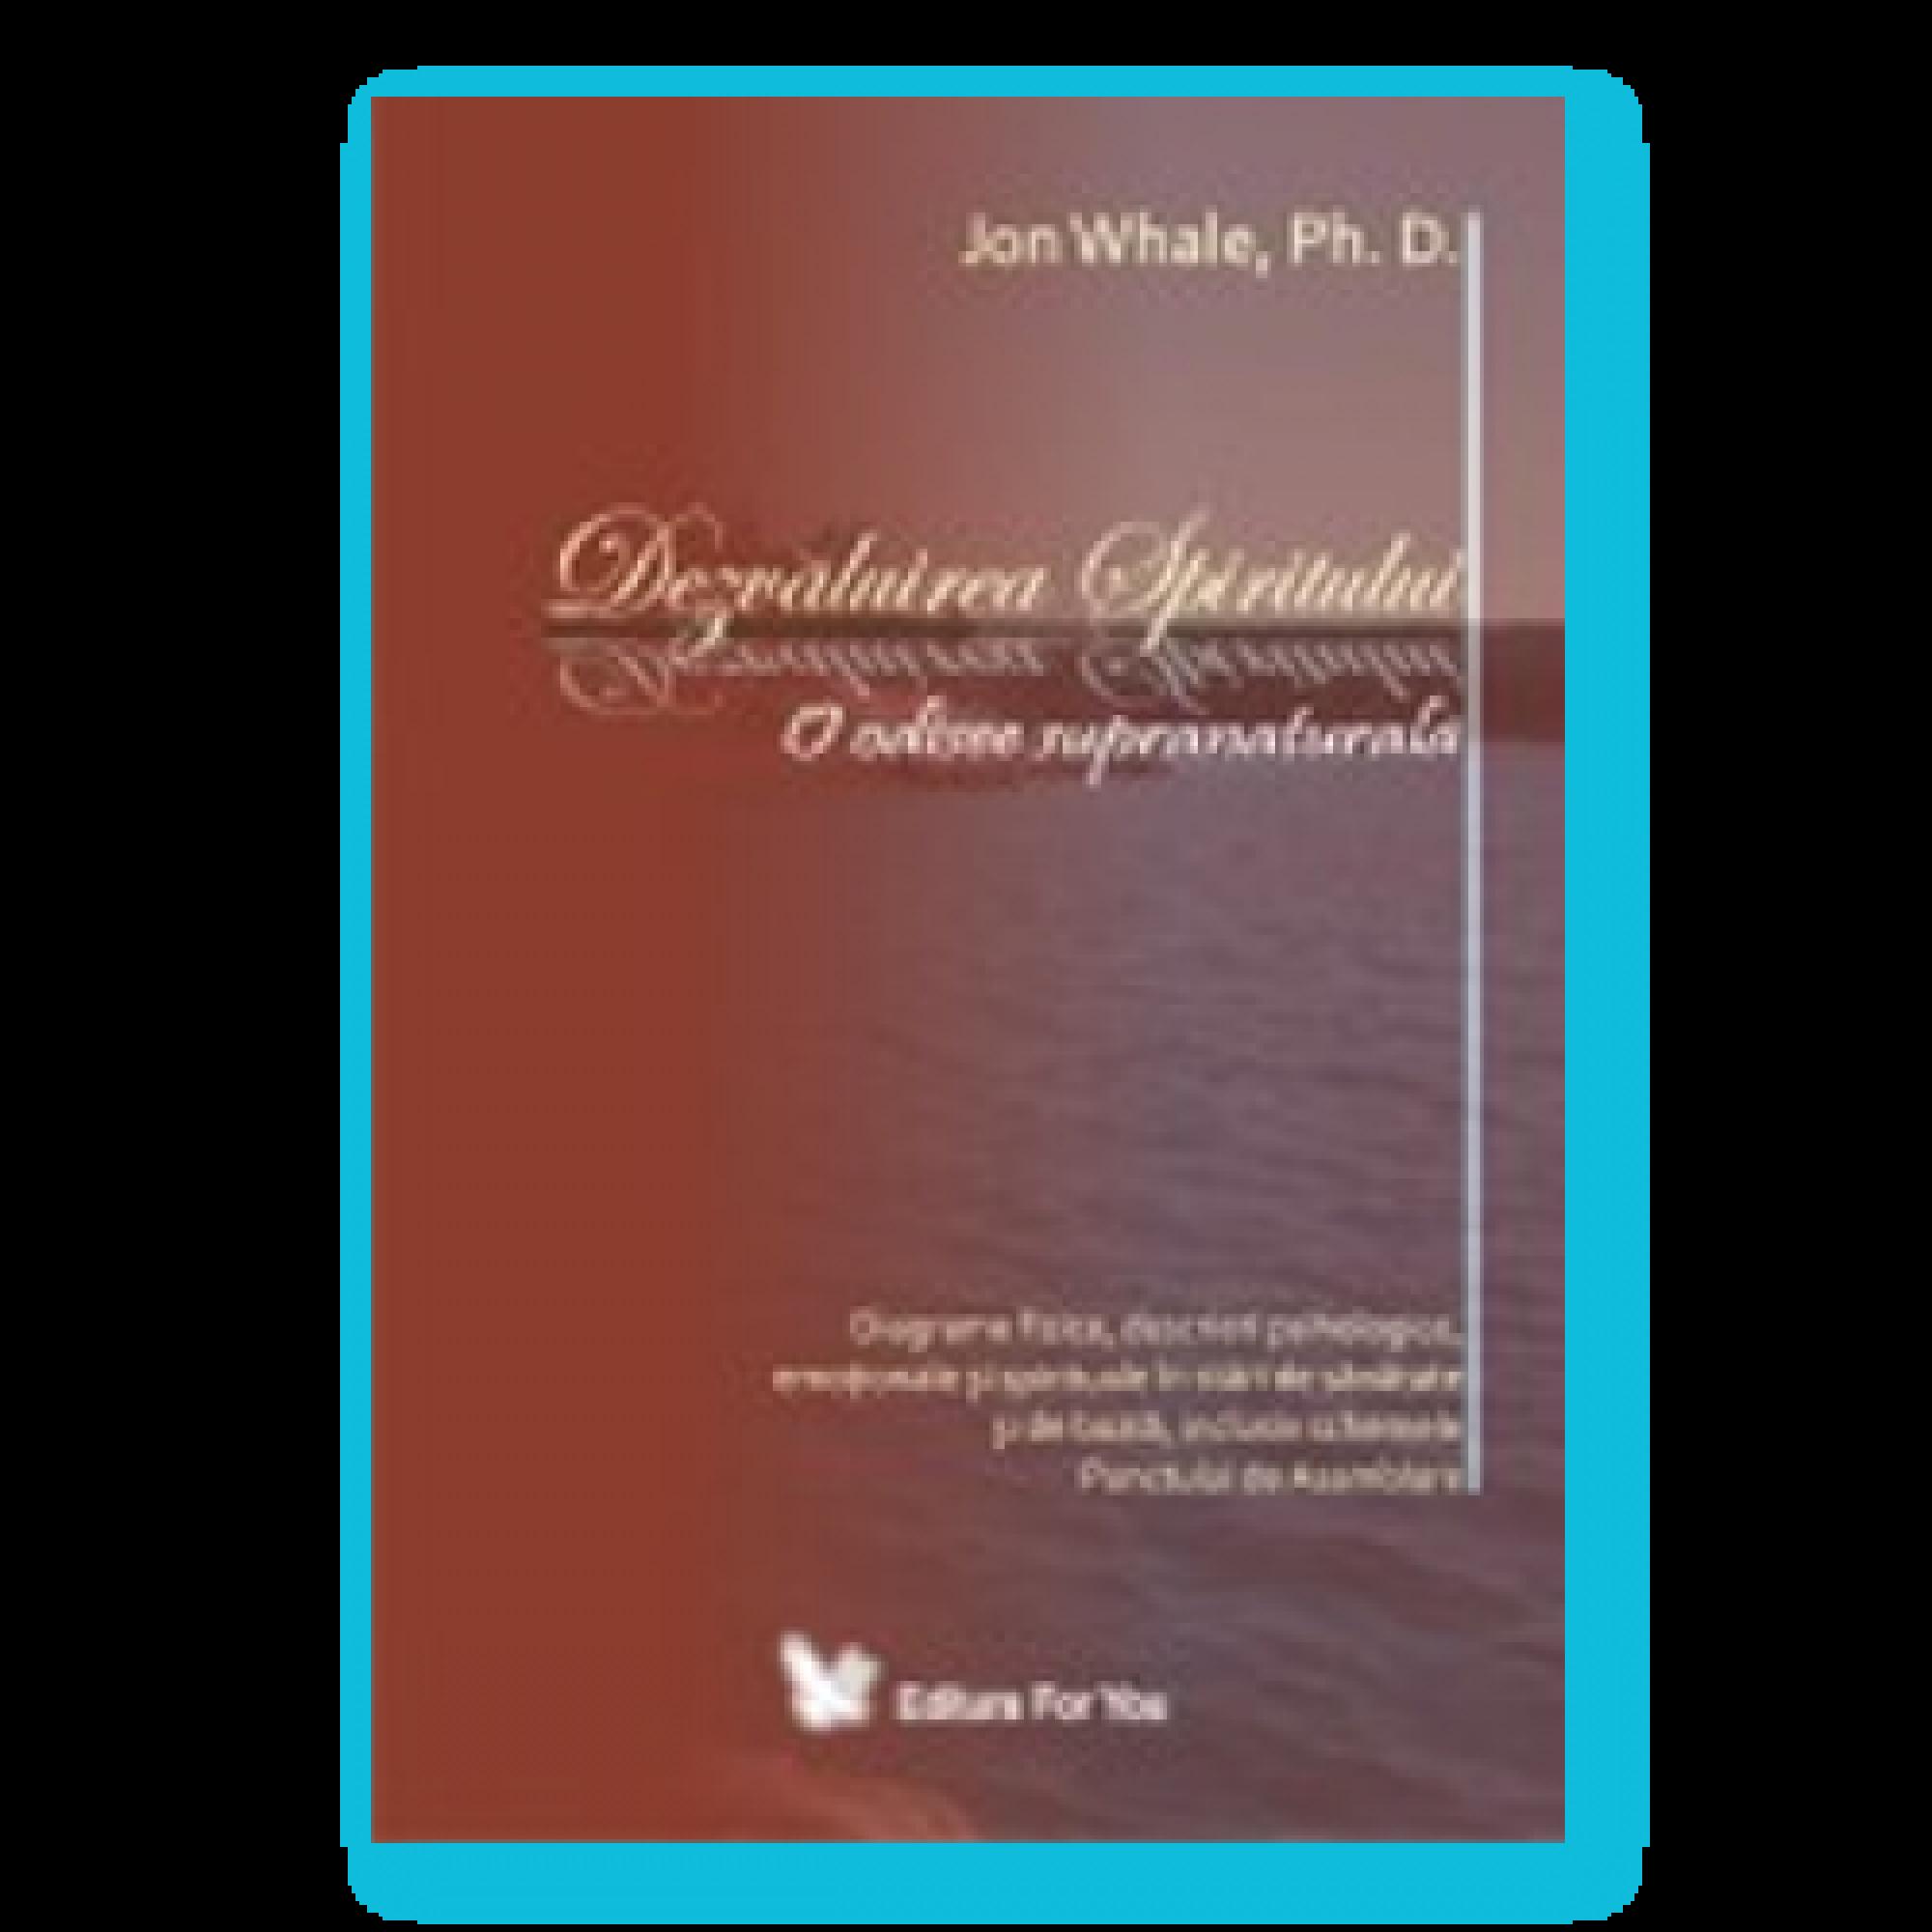 Dezvăluirea spiritului - o odisee supranaturală